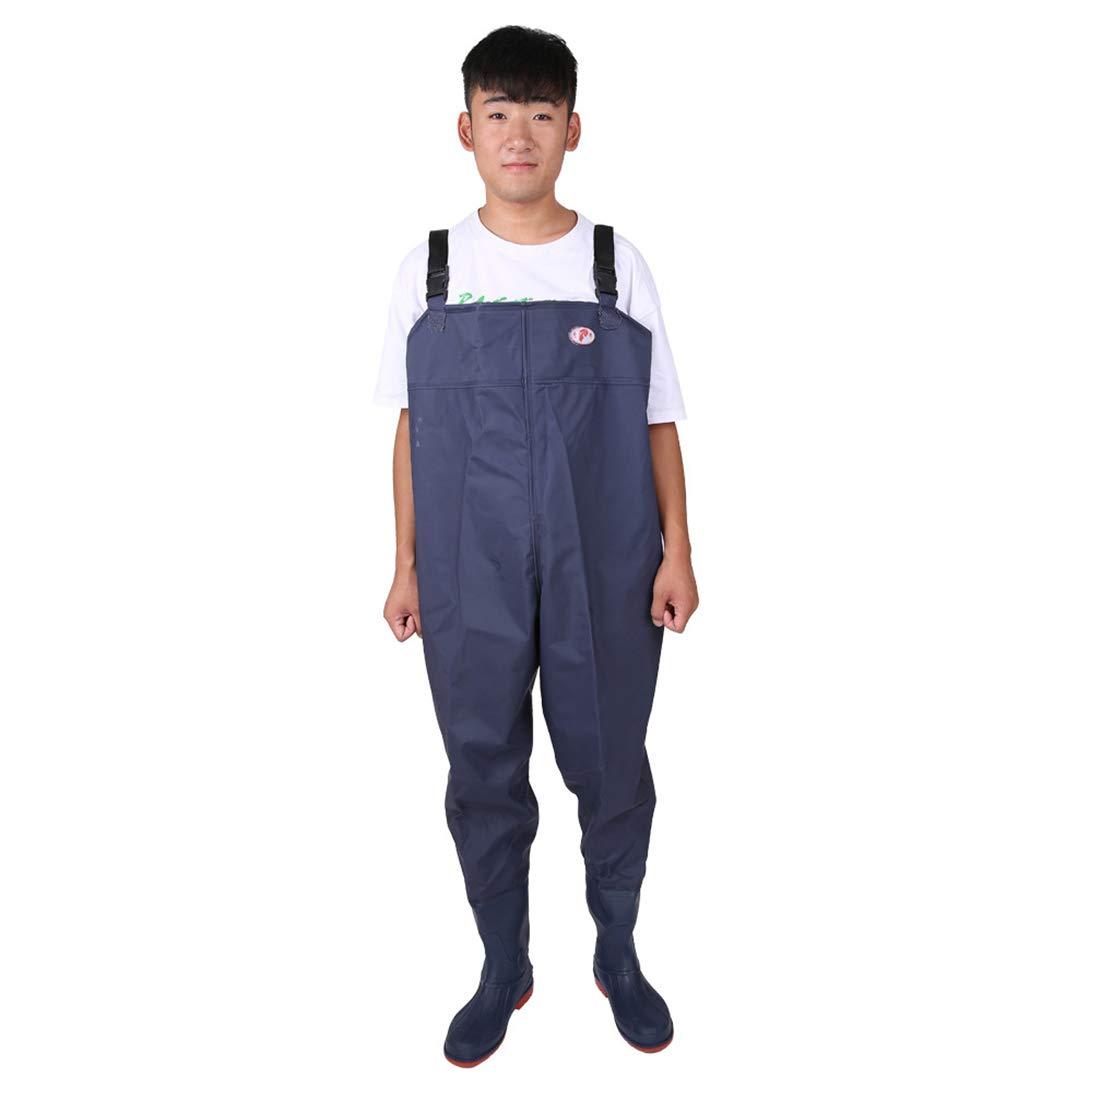 LBWNB Wader Pants-Fishing Waders Wading Hosen Chest Work Waterproof Adult Pants O ll Stiefel für Landwirtschaft, Angeln, Tiefenbau, Außenaufnahmen